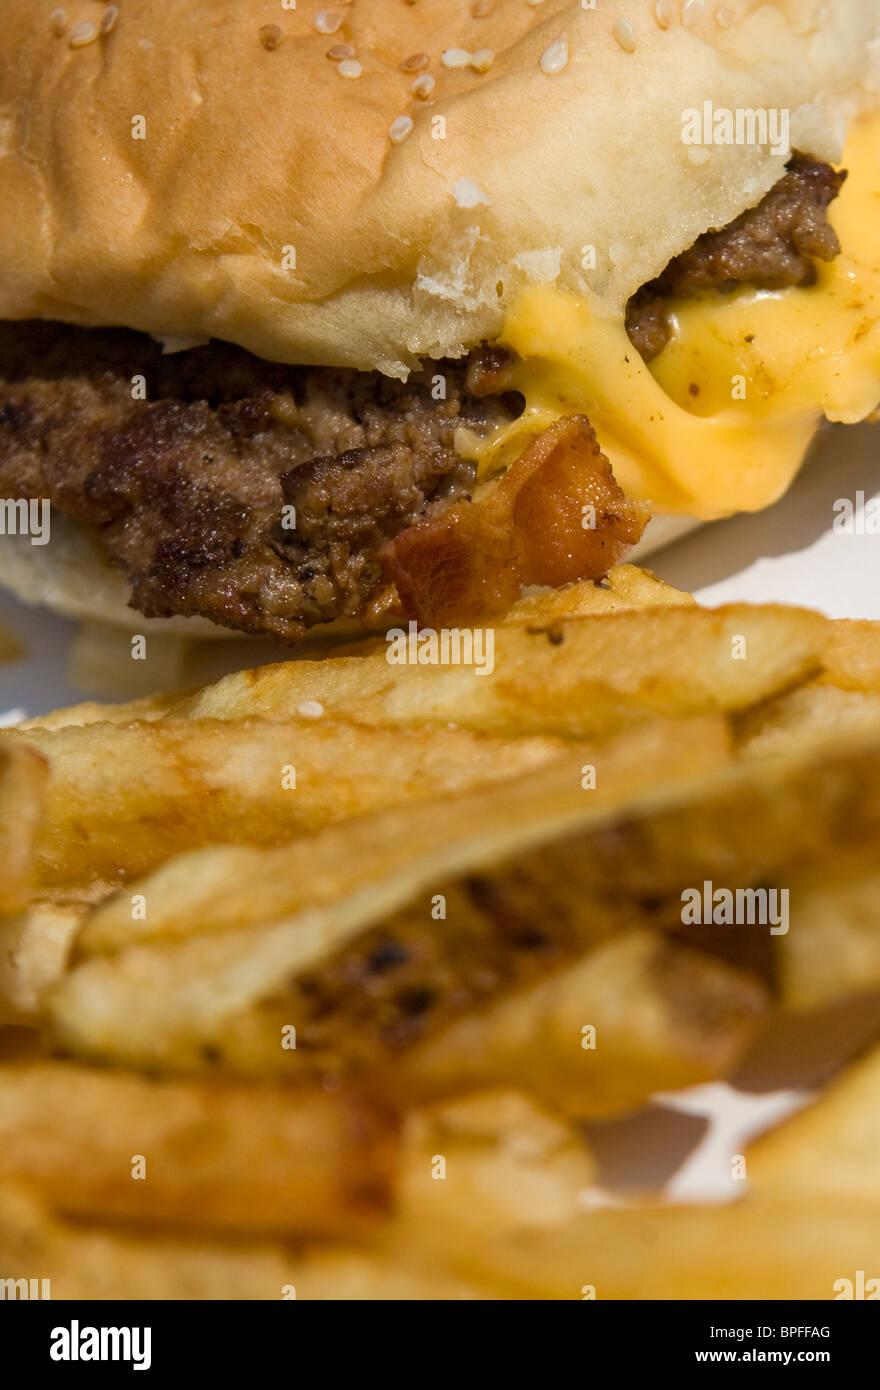 Eine fünf Jungs Bacon Cheeseburger und Pommes Frites. Stockbild